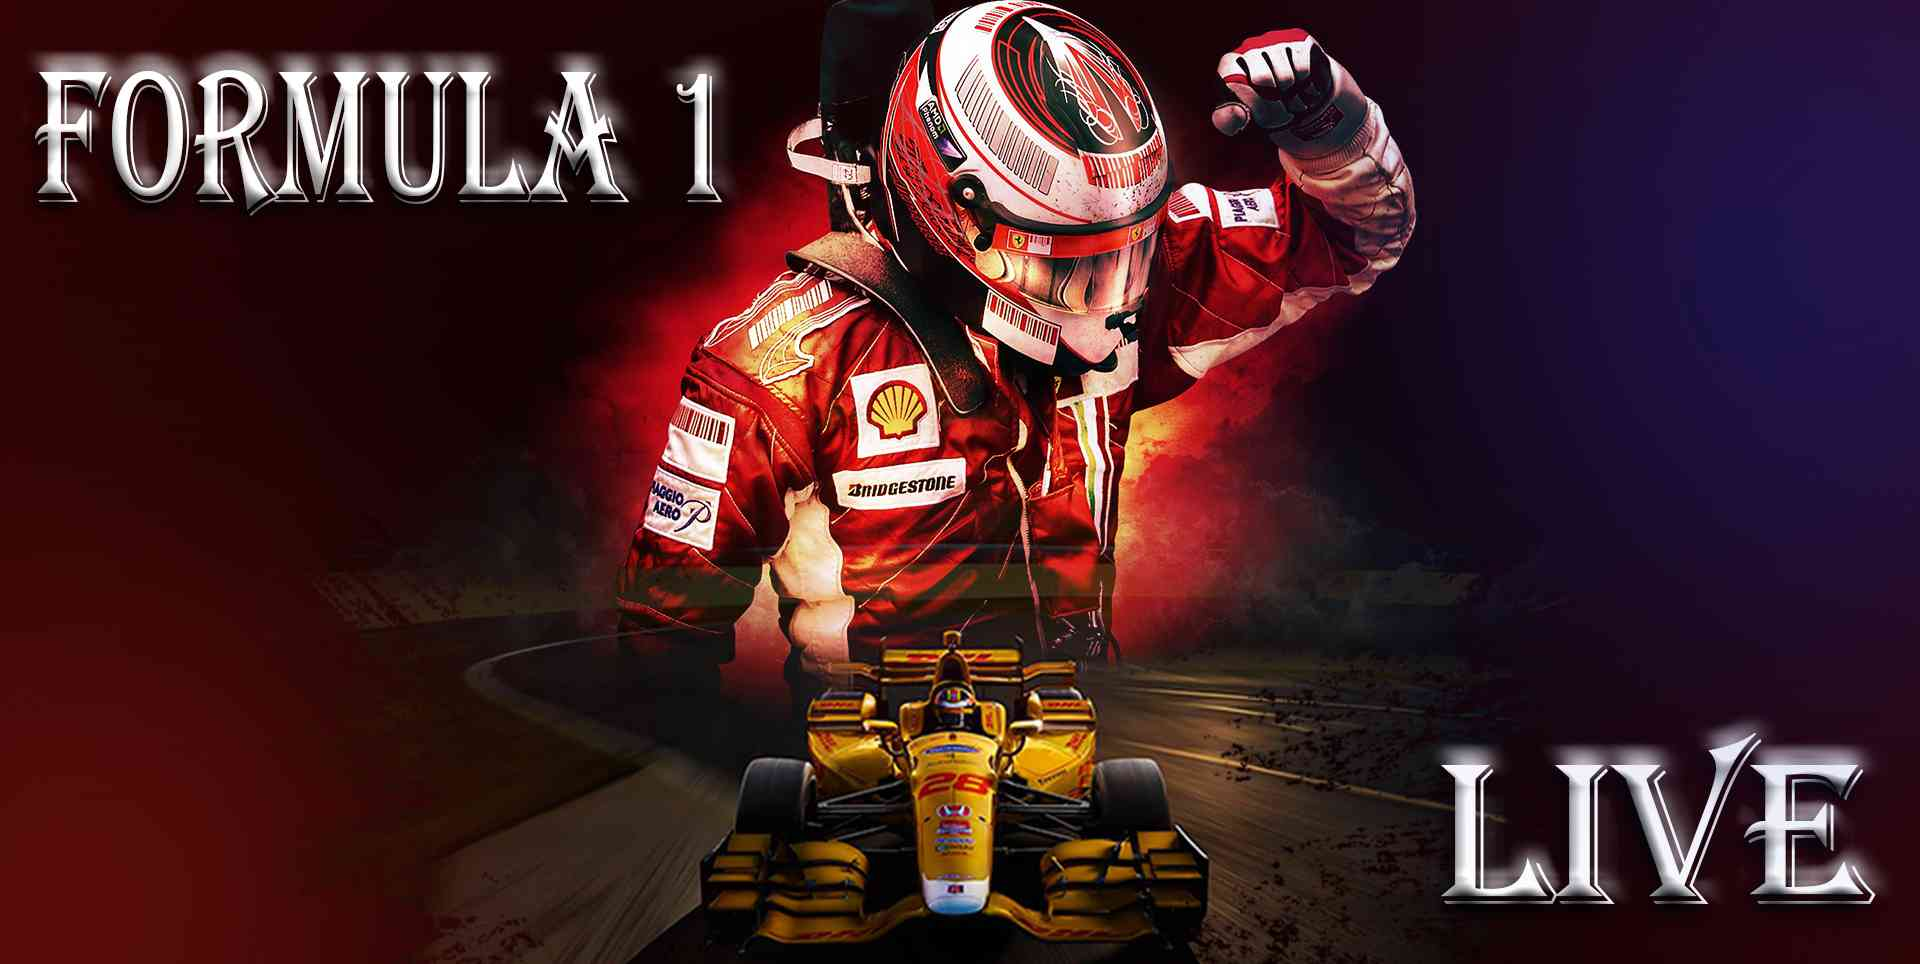 F1 Mexican Grand Prix Live